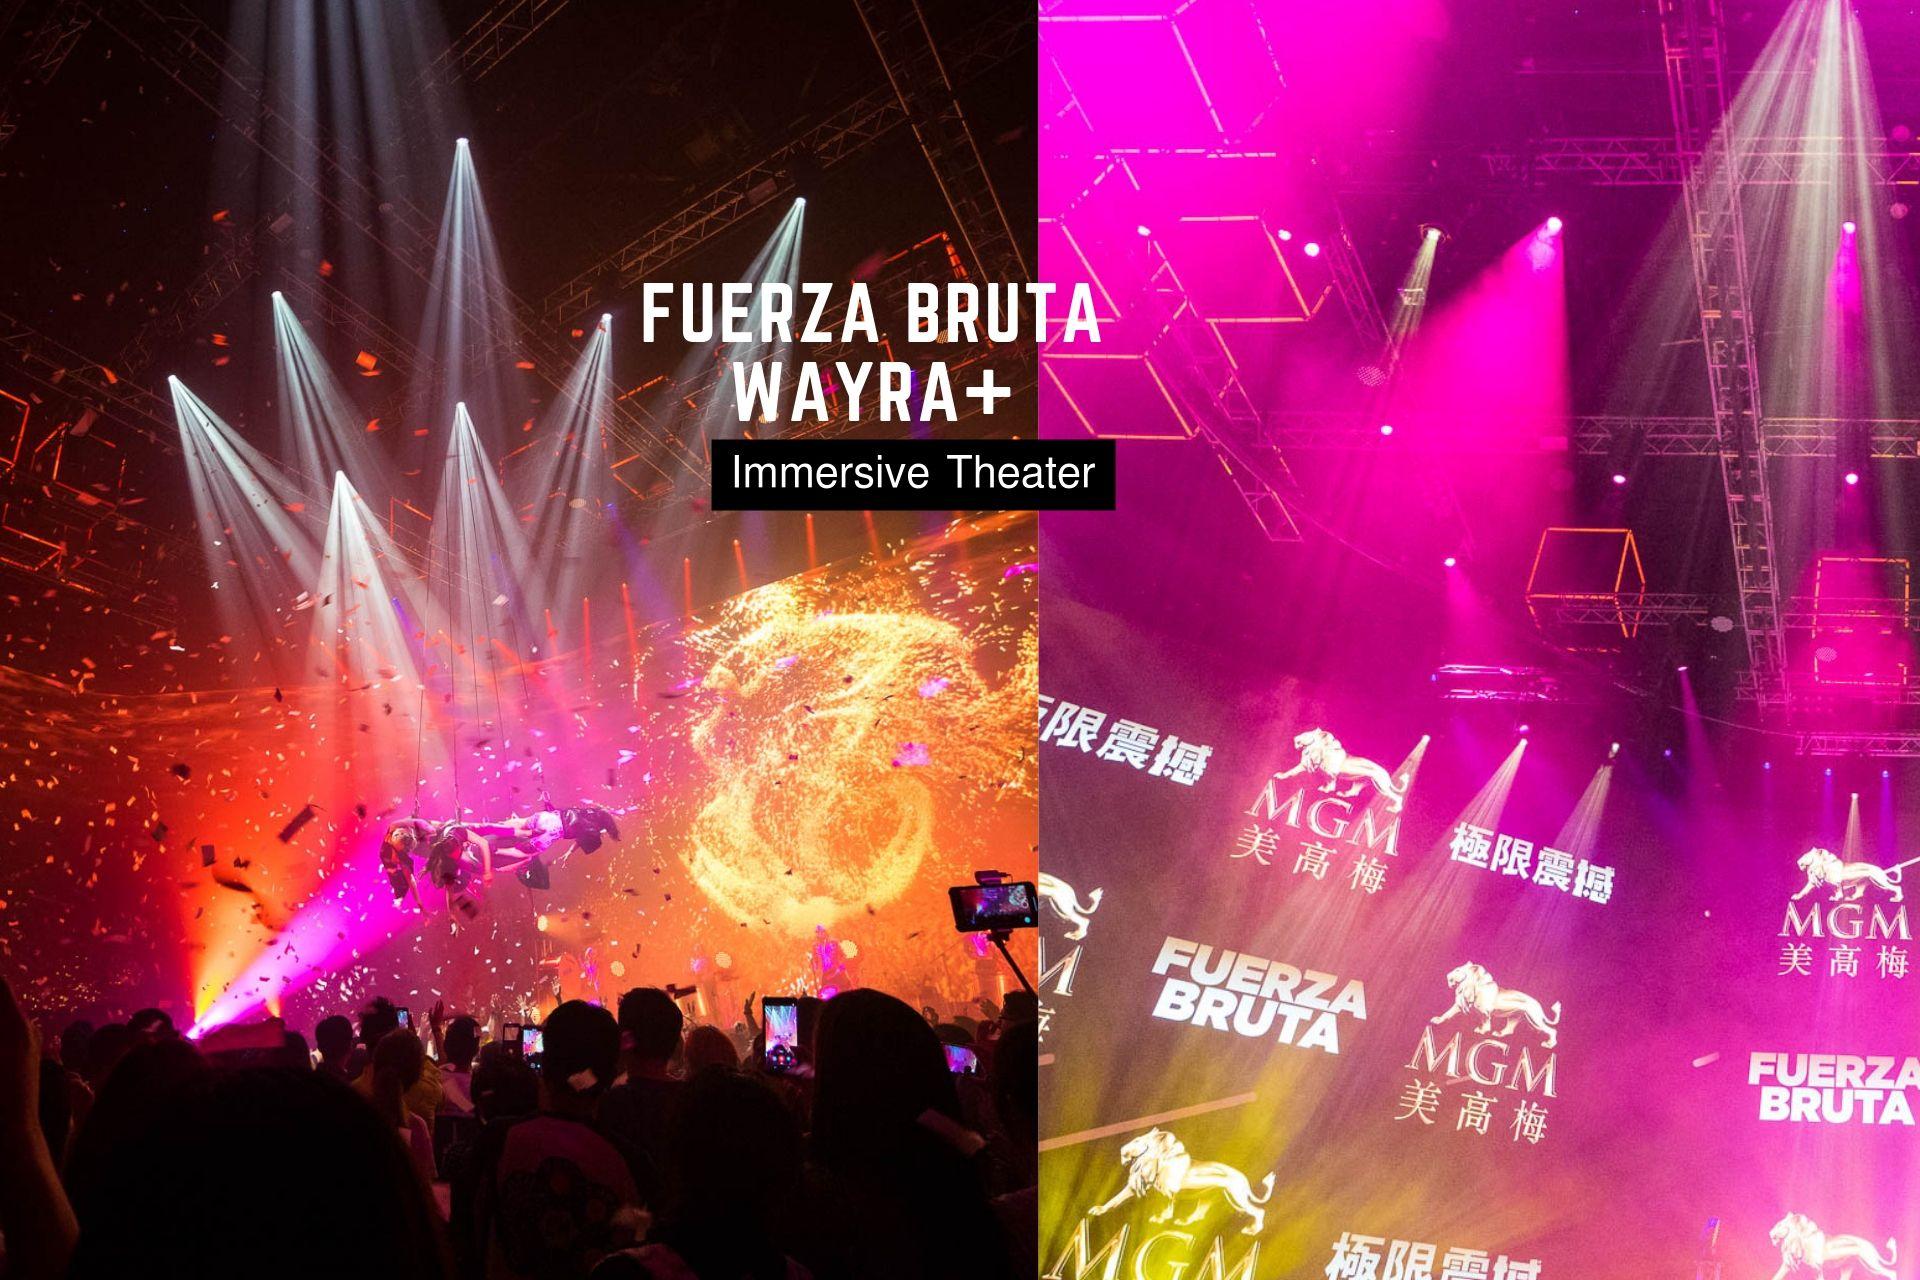 極限震撼Fuerza Bruta Wayra》讓人沉浸其中的派對表演(2019澳門場)